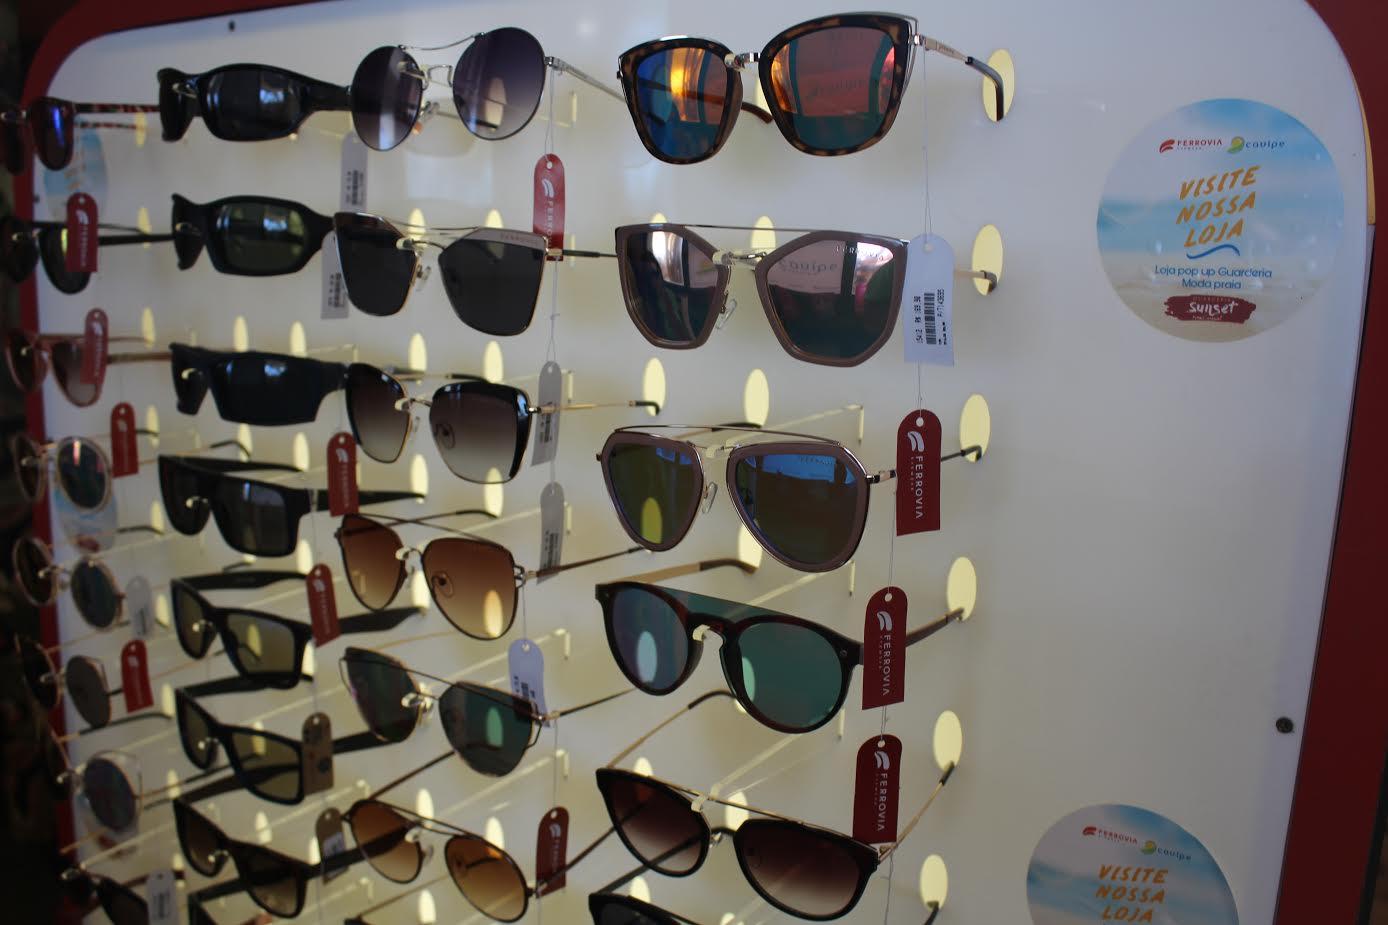 de069a83ecf91 A folia já iniciou na Ferrovia Eyewear! A marca lançou uma super promoção  de Carnaval com óculos a partir de R  79